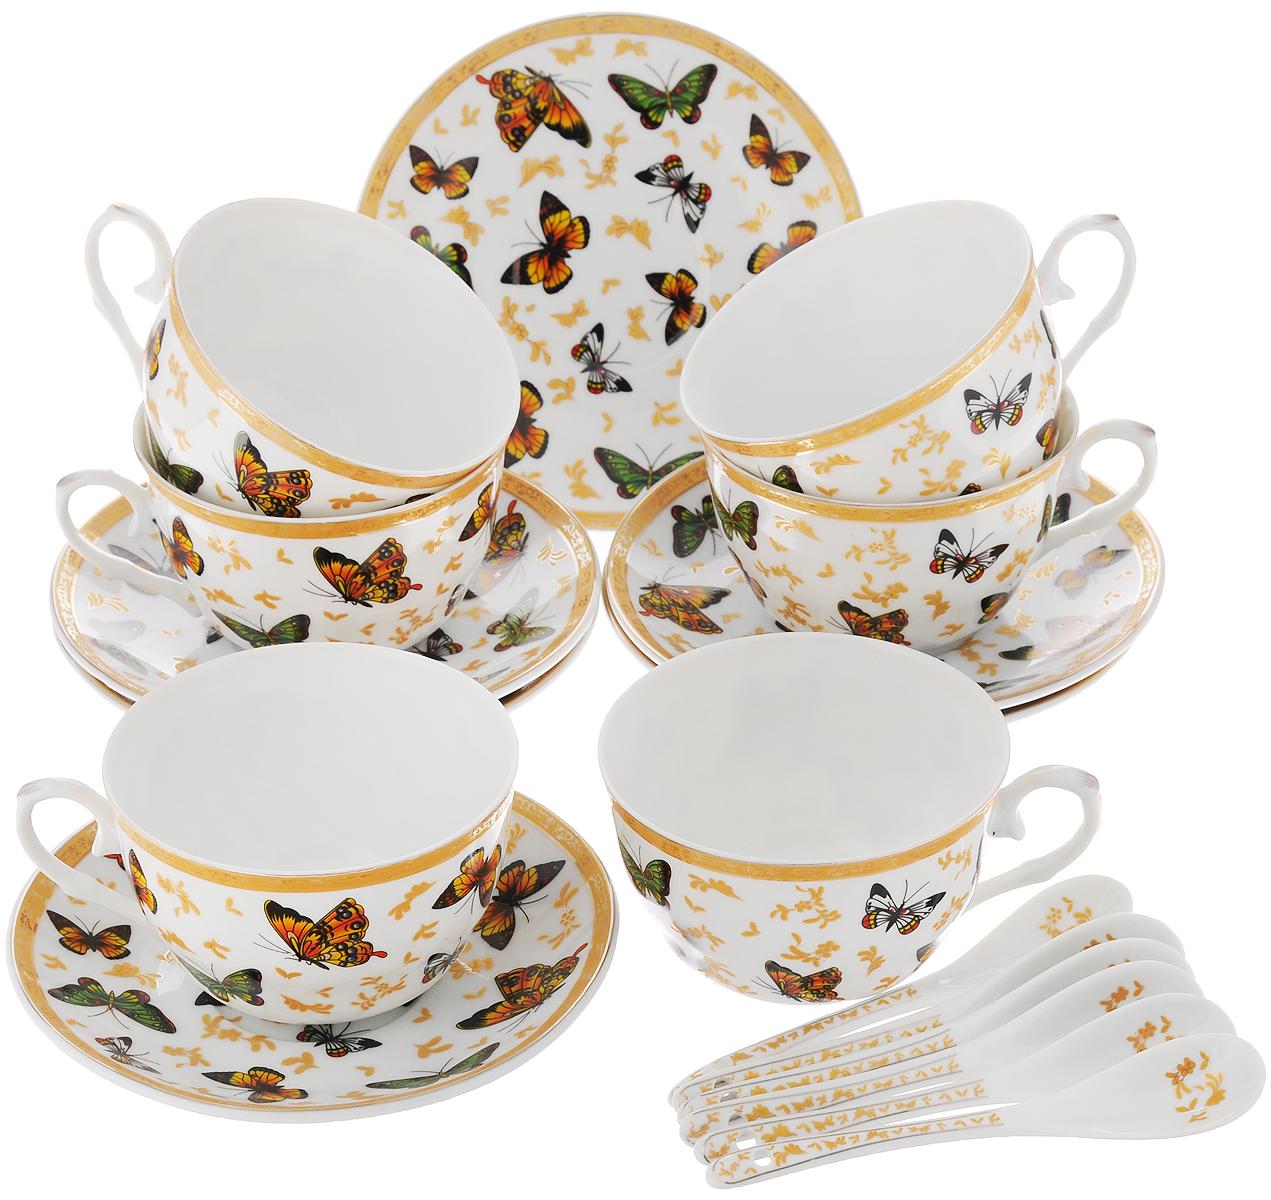 Набор чайный Elan Gallery Бабочки, с ложками, 18 предметов730476Чайный набор Elan Gallery Бабочки состоит из 6 чашек, 6 блюдец и 6 ложечек,изготовленных из высококачественной керамики. Предметы набора декорированы изображениембабочек и узоров.Чайный набор Elan Gallery Бабочки украсит ваш кухонный стол, а такжестанет замечательным подарком друзьям и близким.Изделие упаковано в подарочную коробку с атласной подложкой. Не рекомендуется применять абразивные моющие средства. Не использовать в микроволновой печи.Объем чашки: 250 мл.Диаметр чашки по верхнему краю: 9,5 см.Высота чашки: 6 см.Диаметр блюдца: 14 см.Длина ложки: 12,5 см.